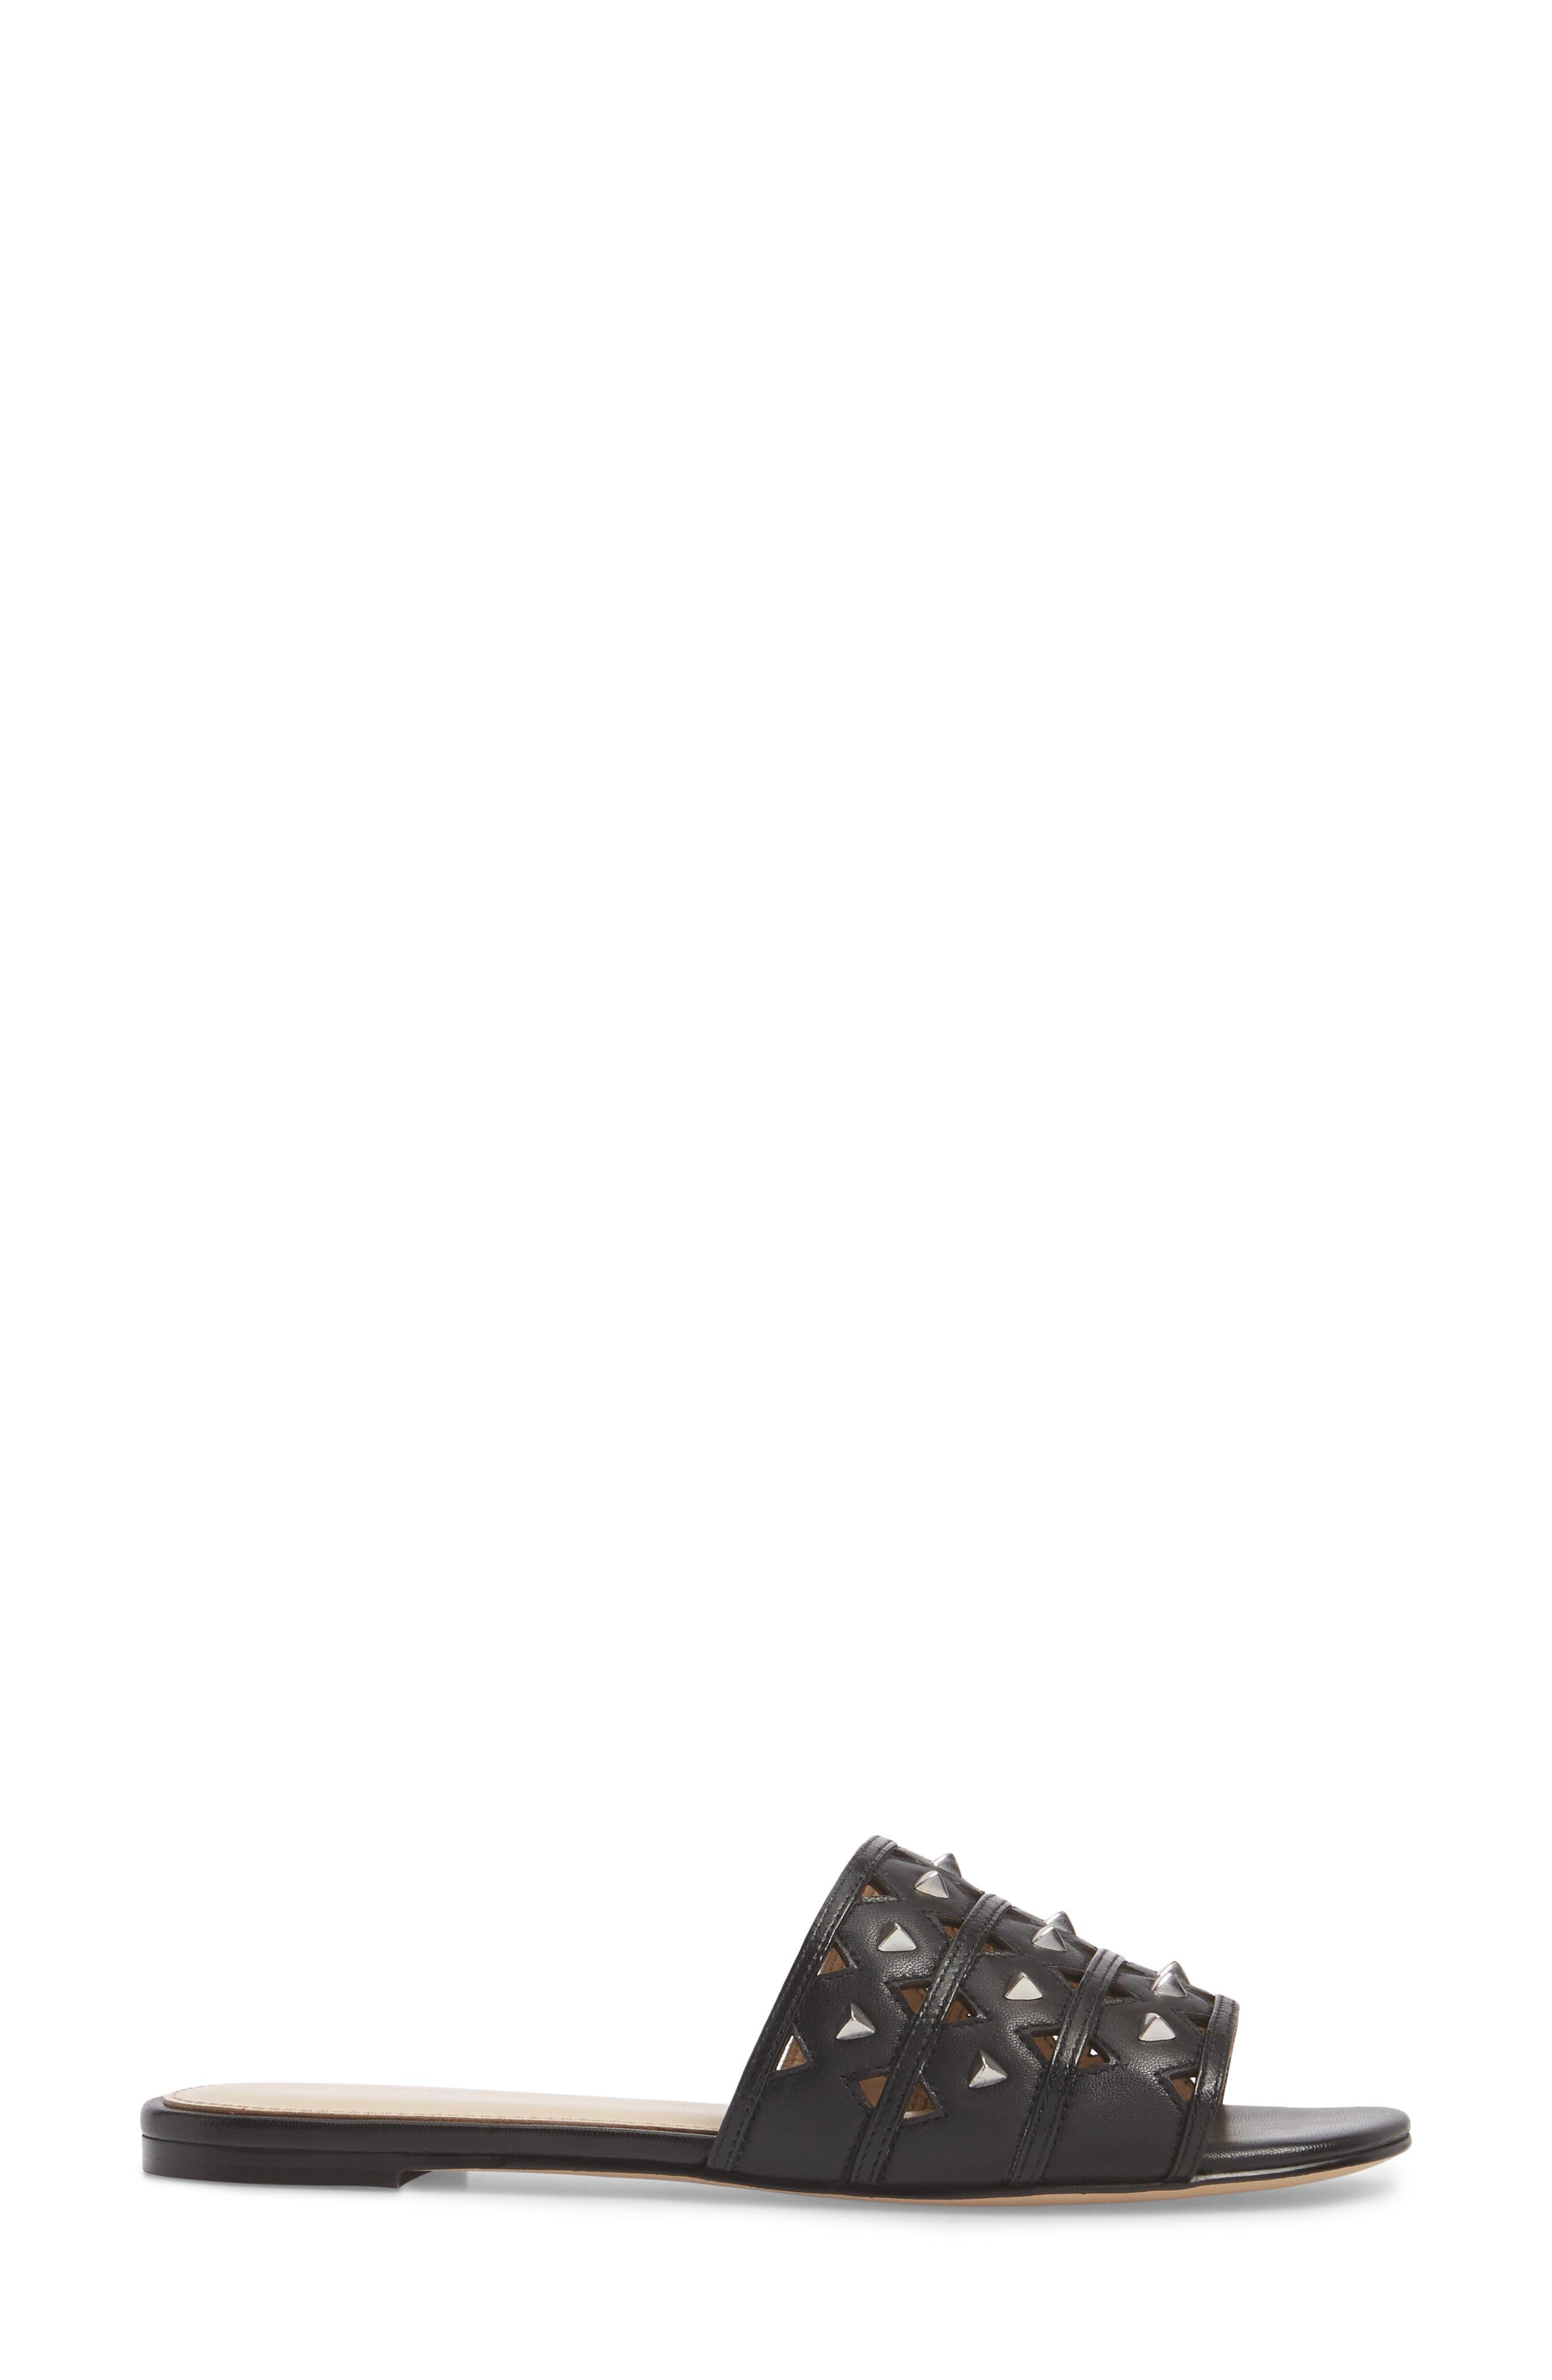 Maeva Slide Sandal,                             Alternate thumbnail 3, color,                             001